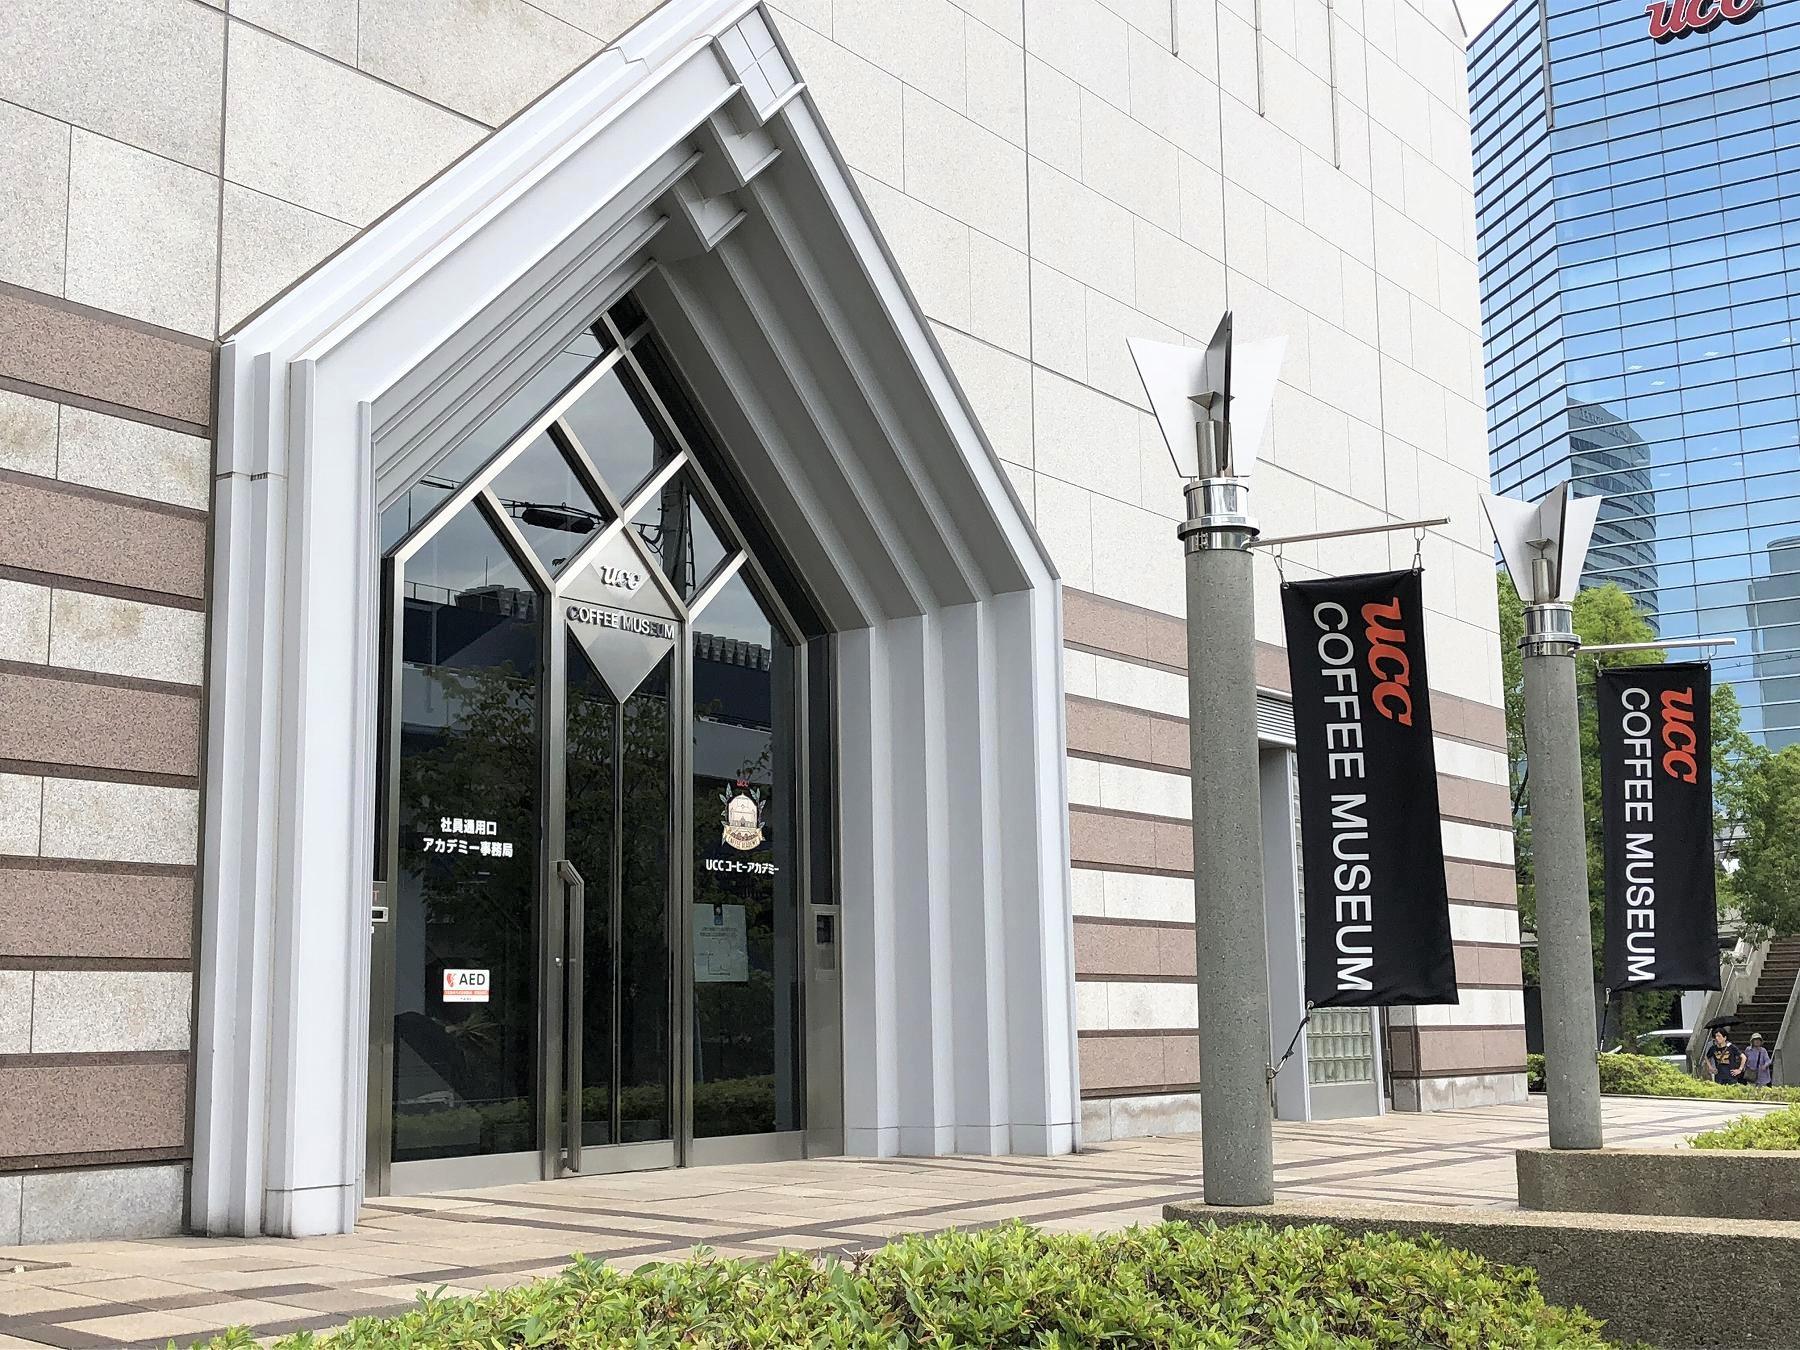 神戸・ポートアイランドにある「UCCコーヒー博物館」を見学・飲み比べのテイスティングをしてみた! #UCC #UCCコーヒー博物館 #兵庫県政150周年 #博物館情報 #神戸観光 #コーヒー